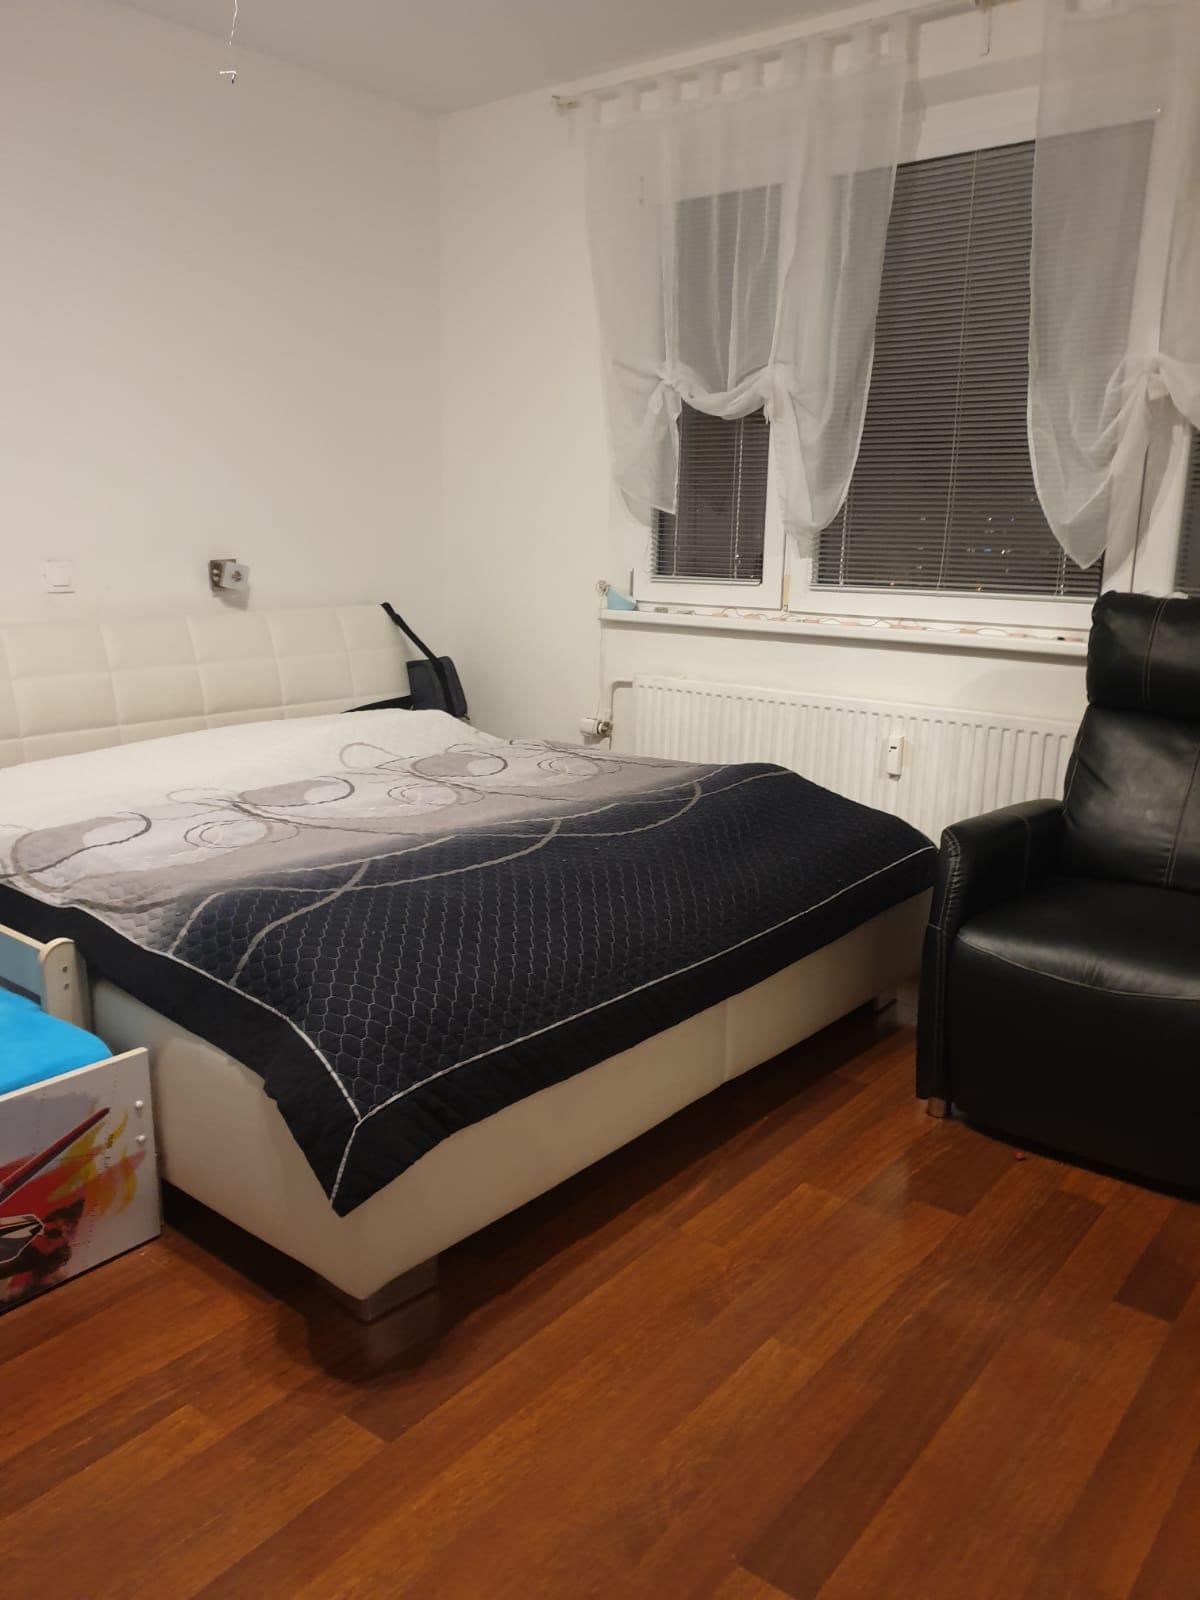 ✅Predáme 3izbový byt vo Vrakúni , kompetne prerobený, vhodný pre mladé rodinky 👨👩👧👦